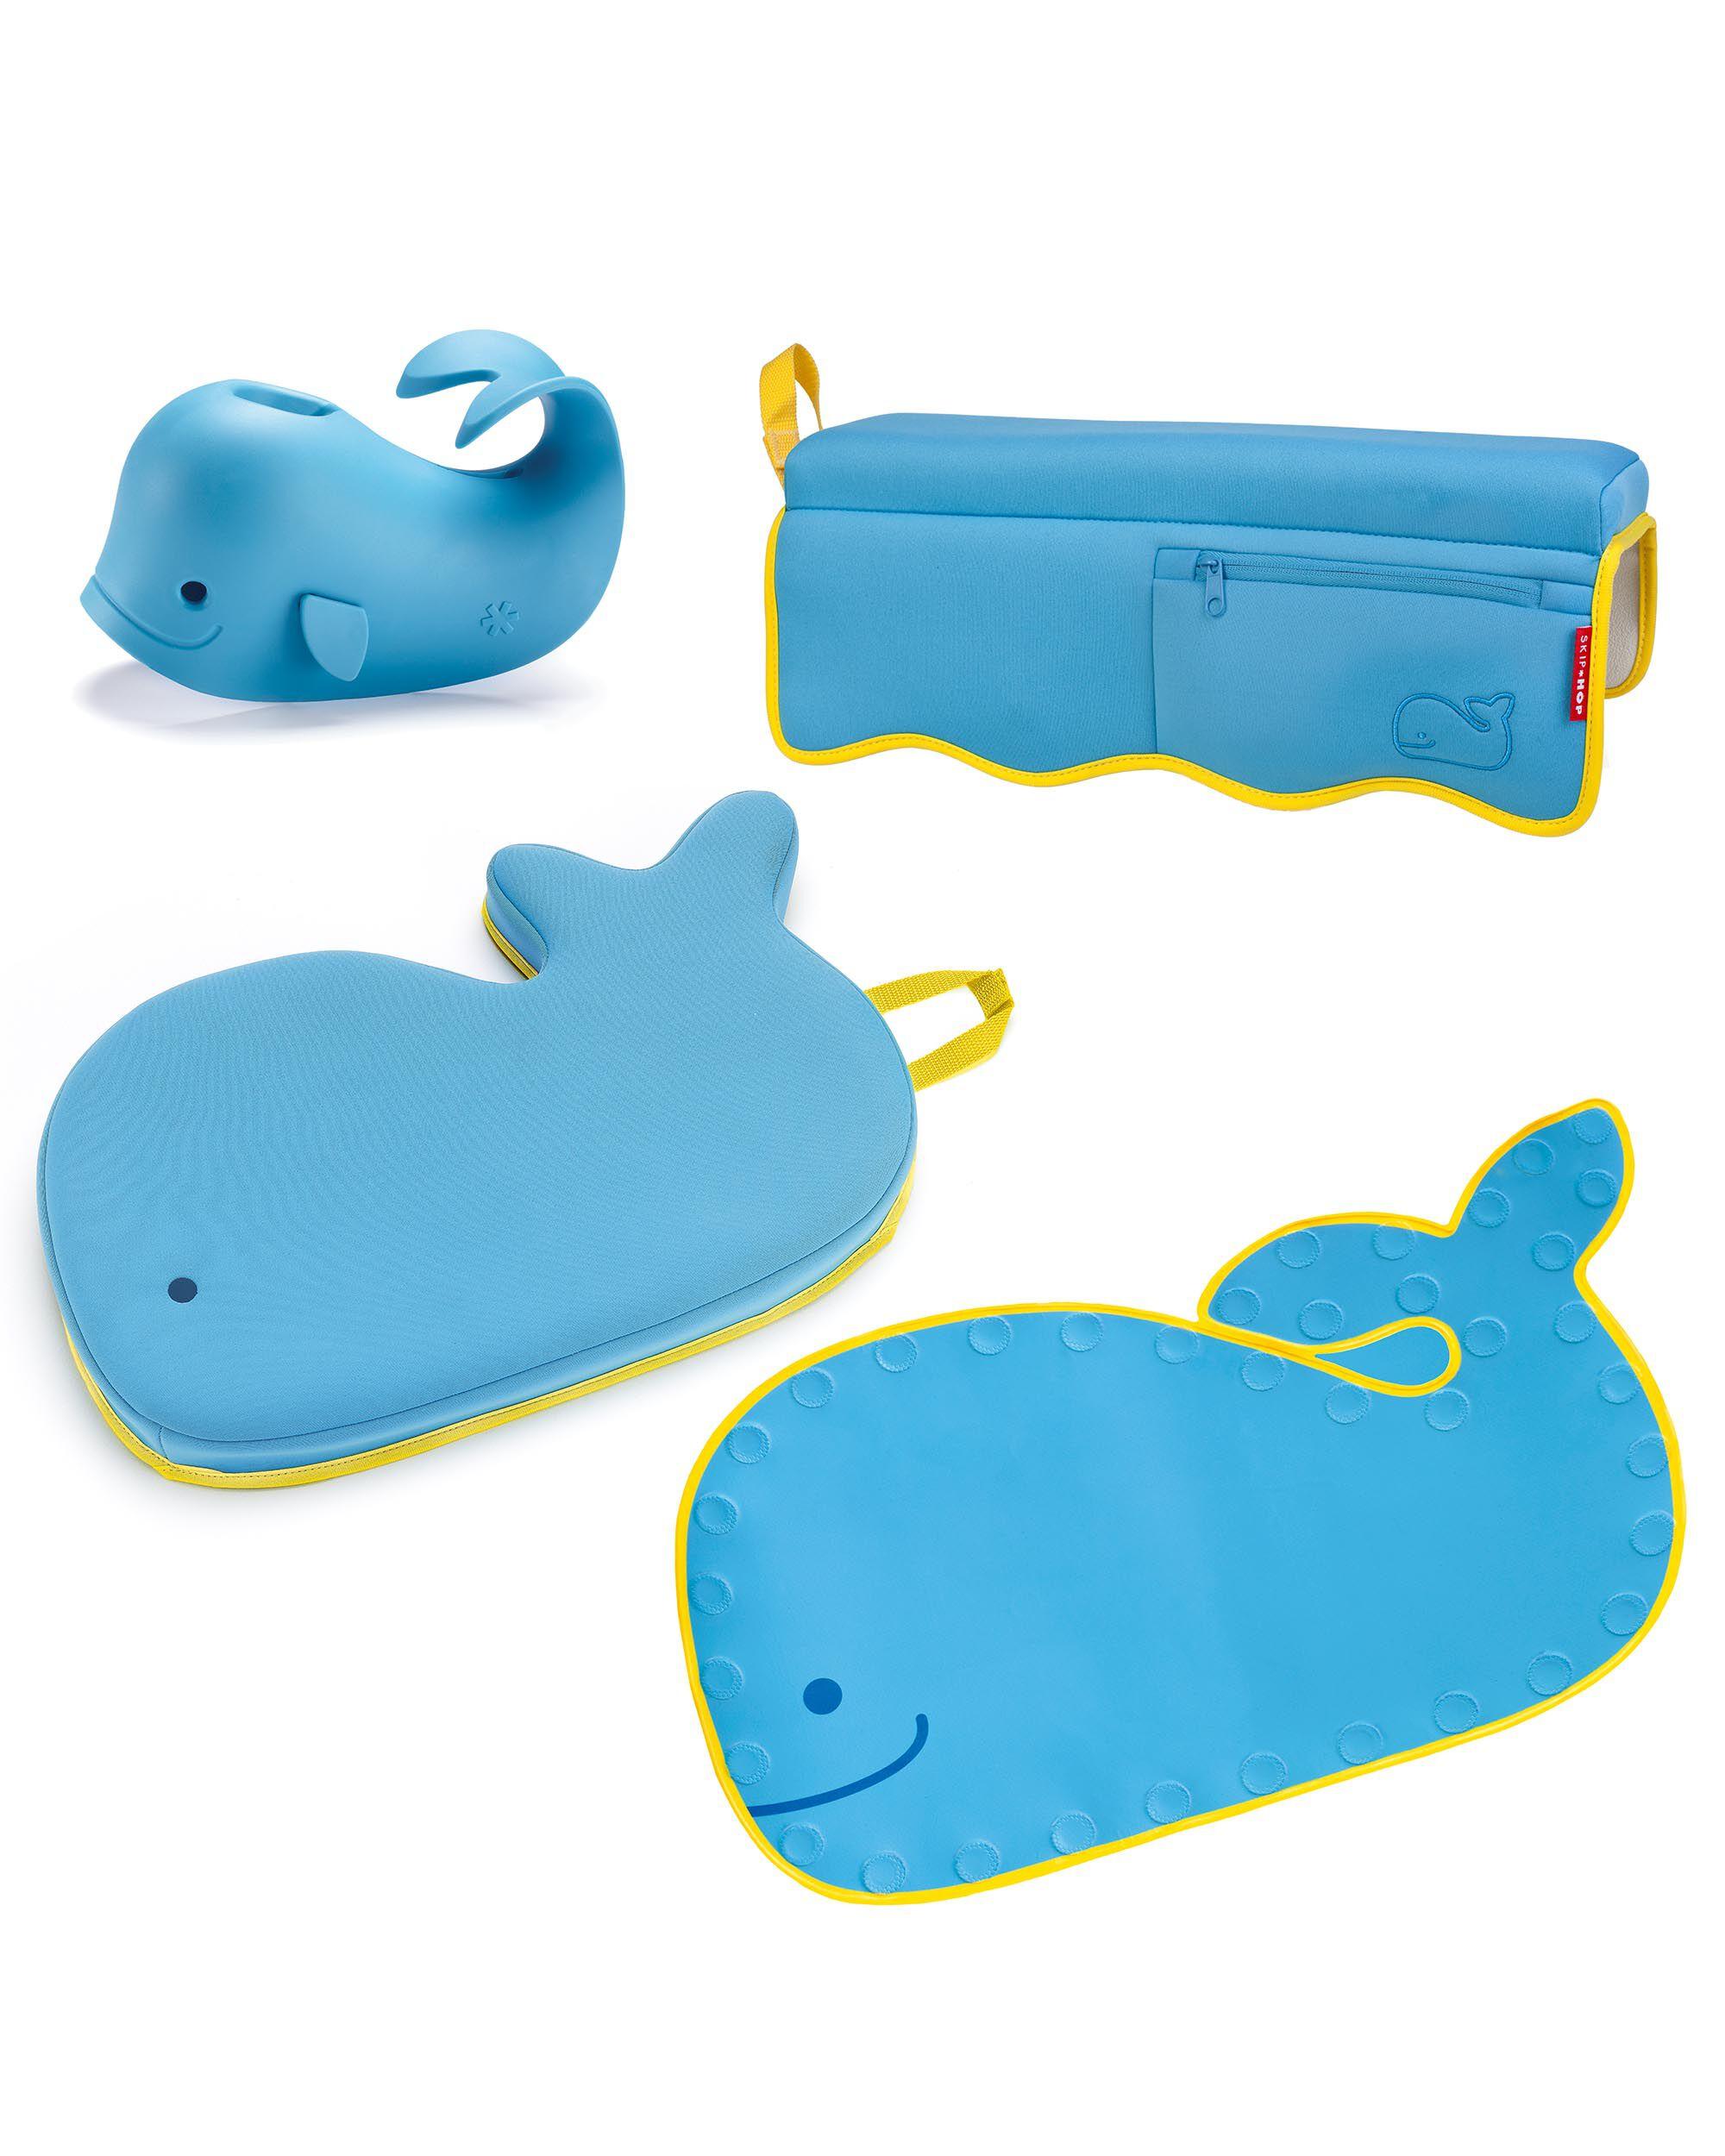 Moby Bathtime Essentials Kit | Skiphop.com